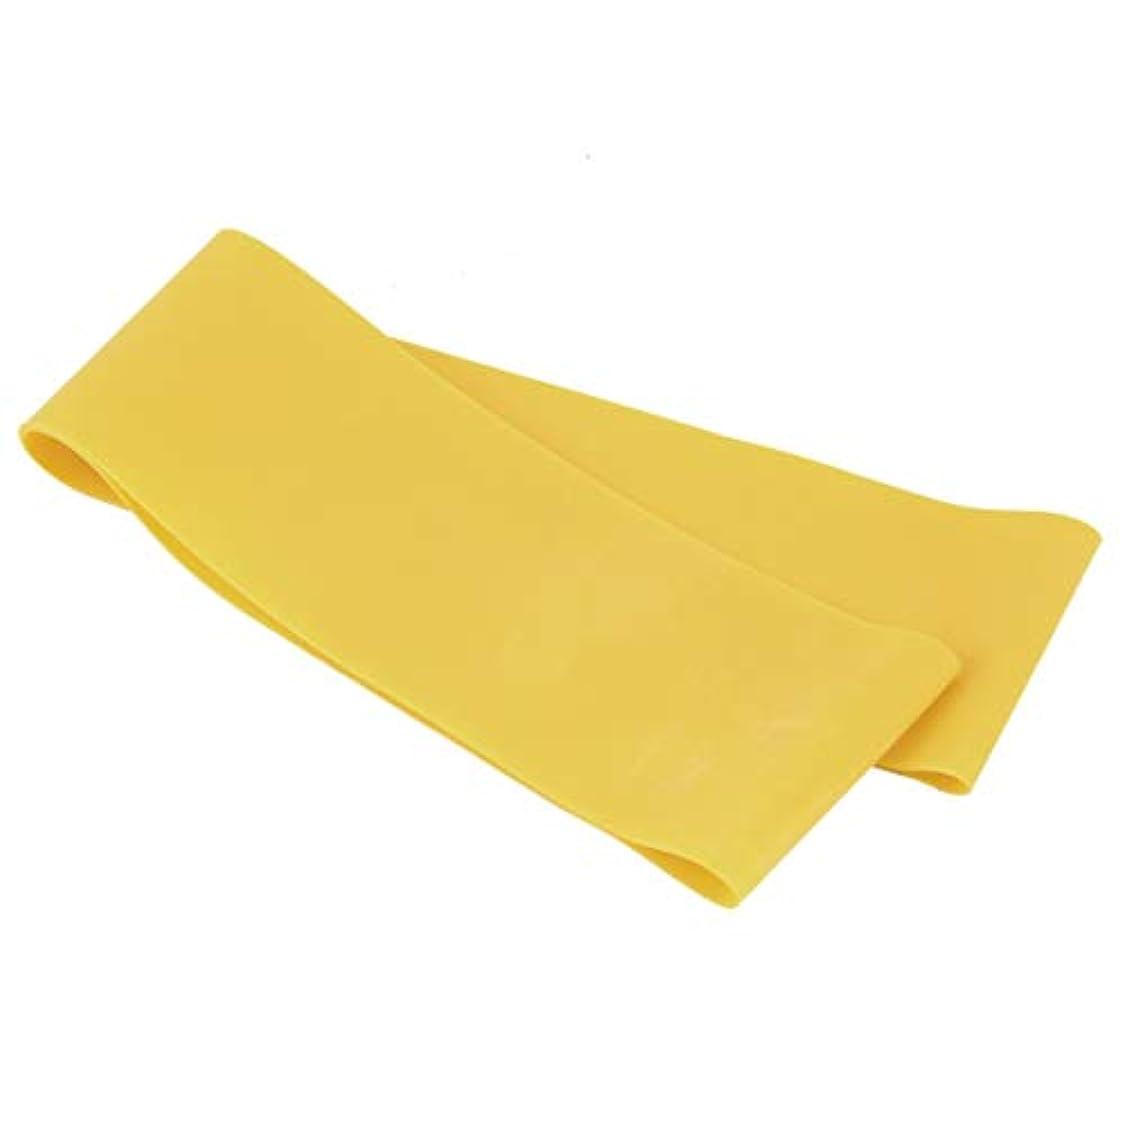 いたずらな原理スクリーチ滑り止めの伸縮性のあるゴム製伸縮性があるヨガのベルトバンド引きロープの張力抵抗バンドループ強さのためのフィットネスヨガツール - 黄色